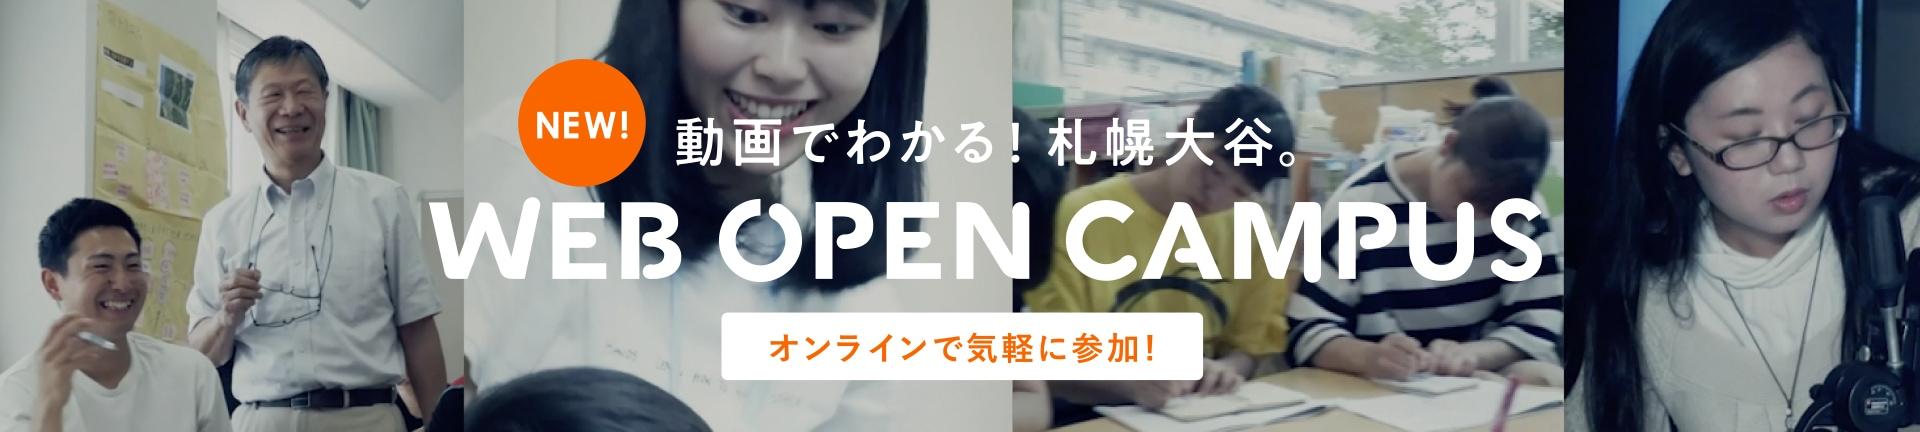 動画でわかる!WEB OPEN CAMPUS